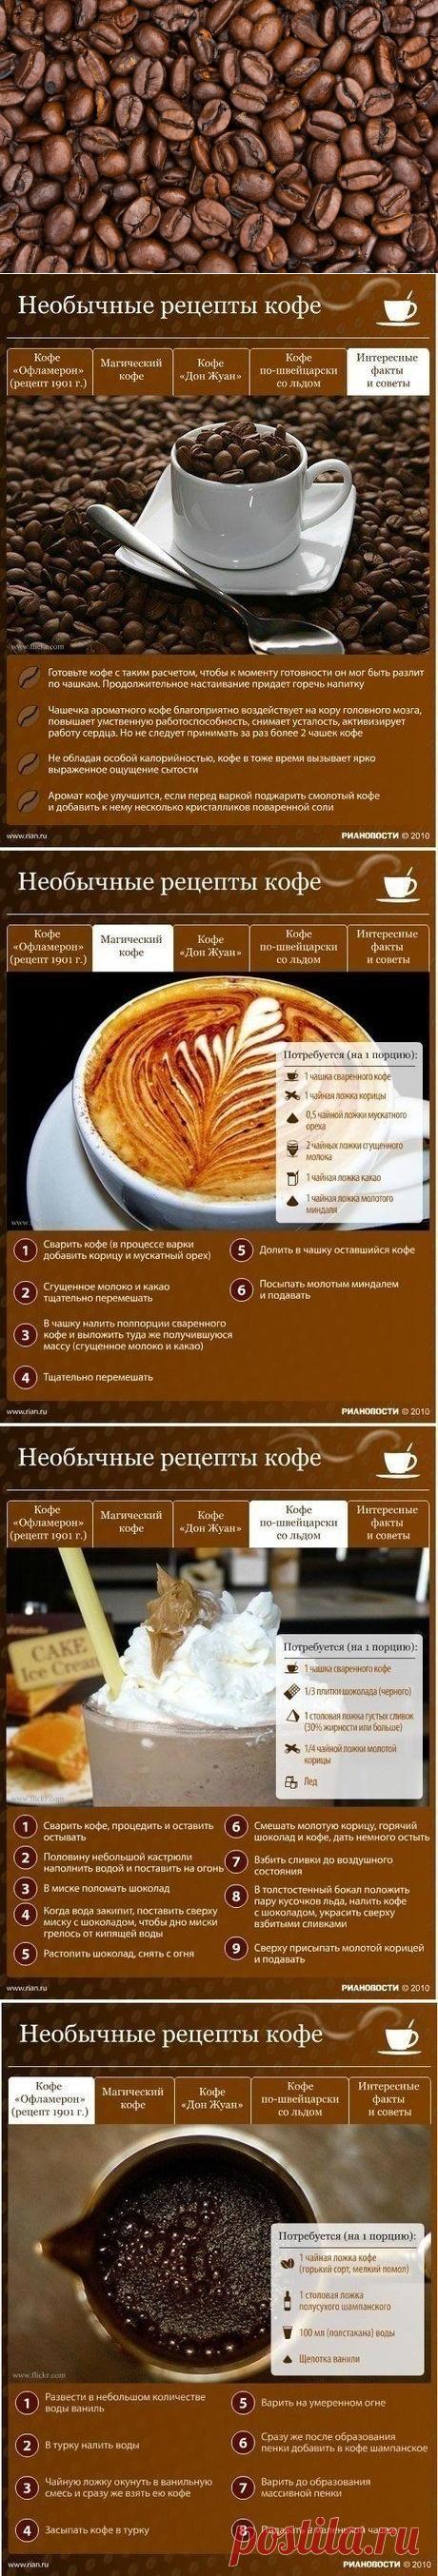 5 рецептов необычных кофейных напитков. Очень ароматно!